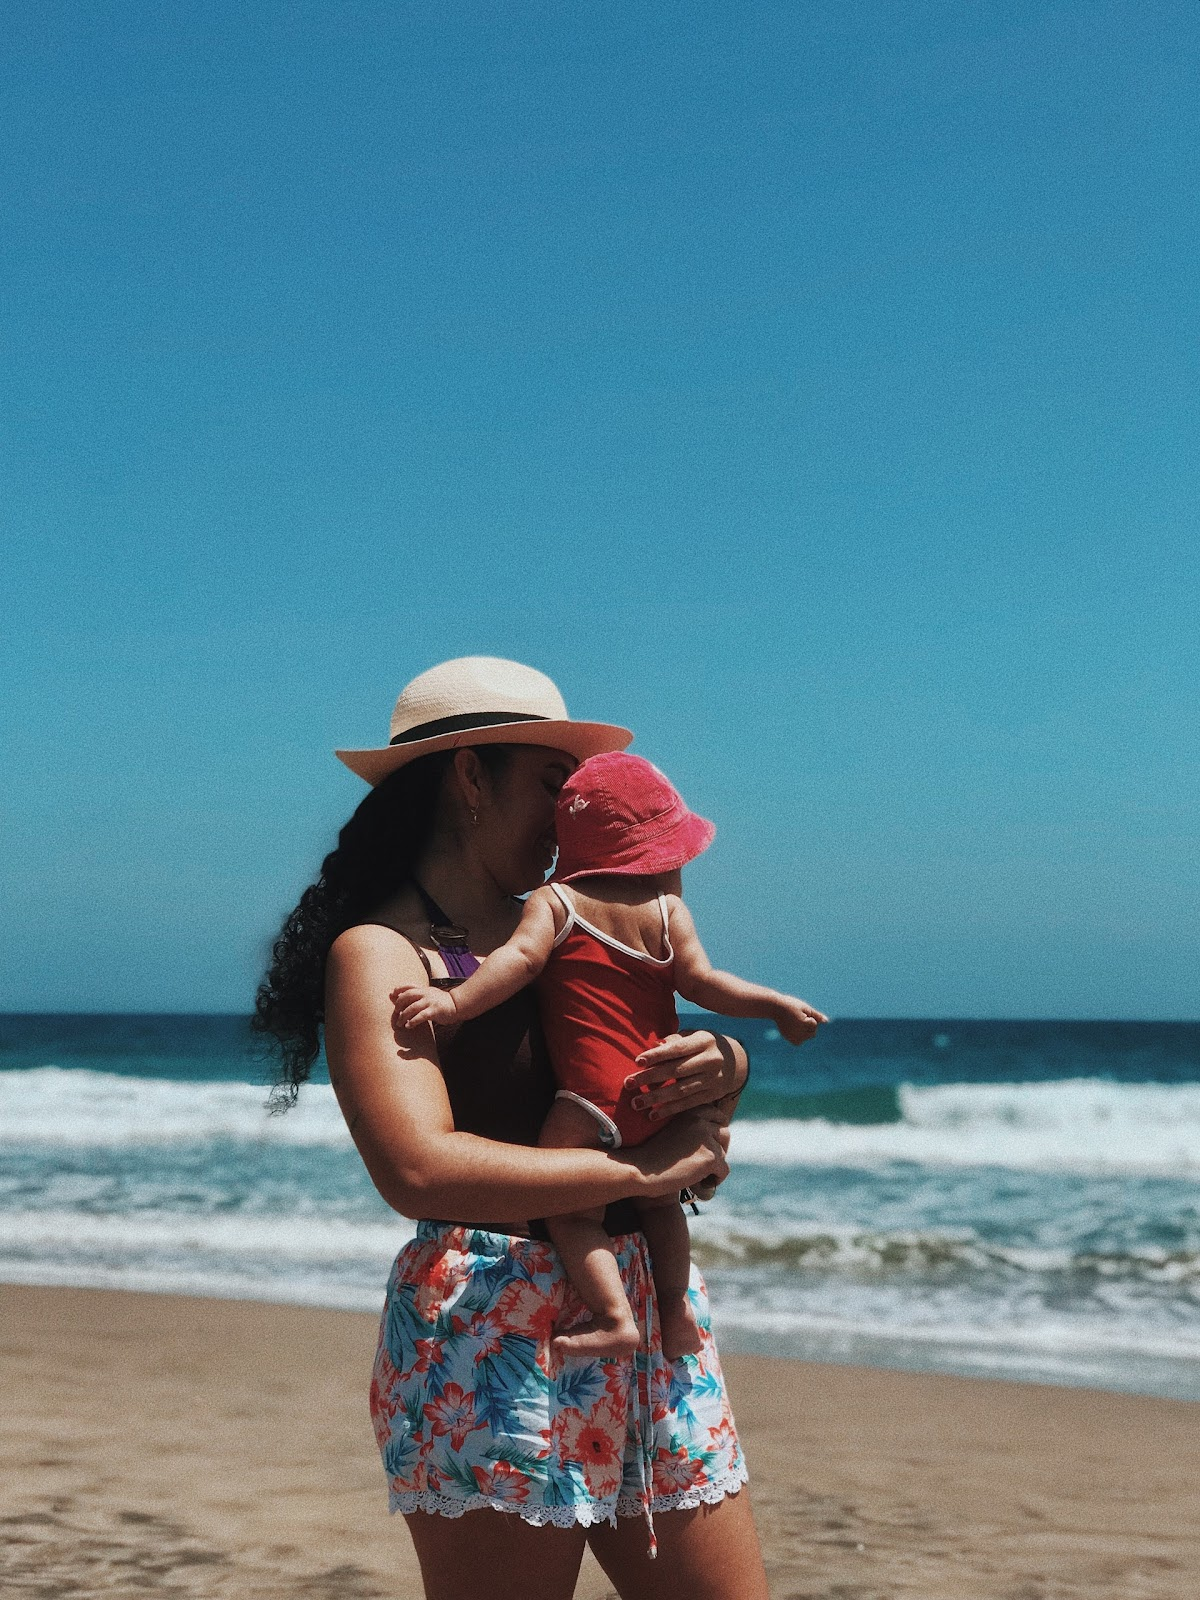 matka z dzieckiem na plaży - jak chronić maluszka przed słońcem